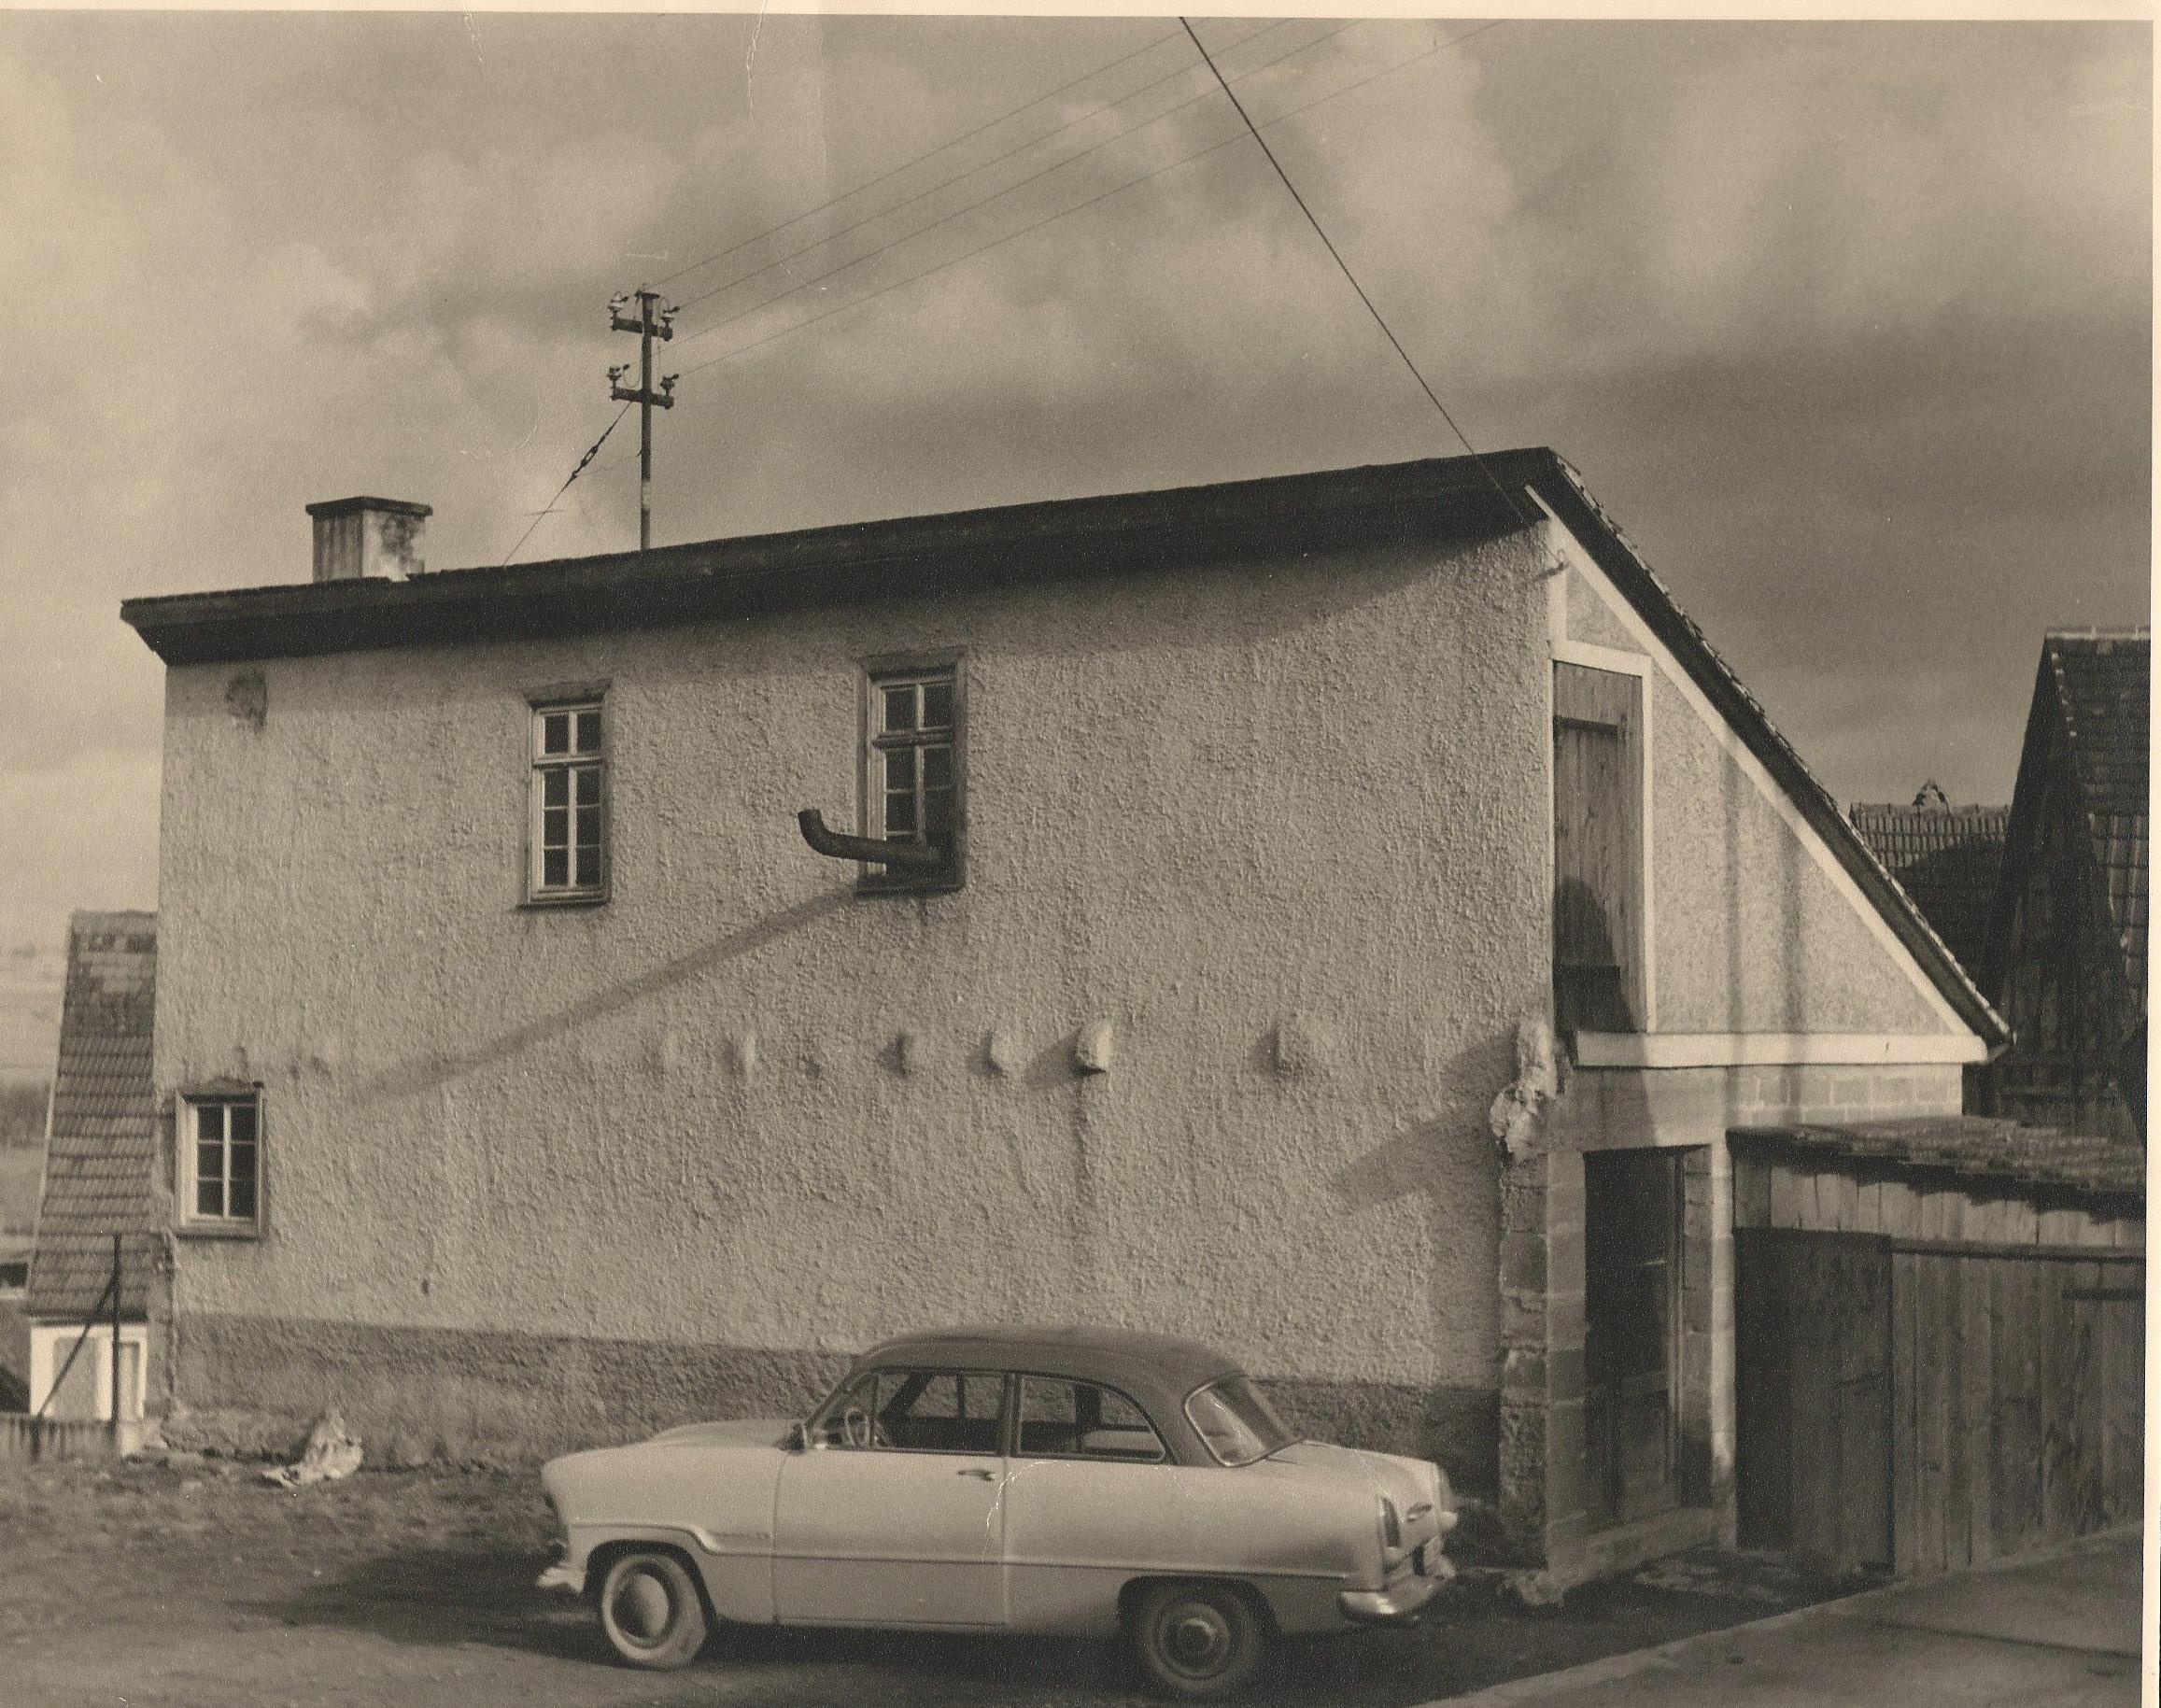 images/historie/1958.jpg